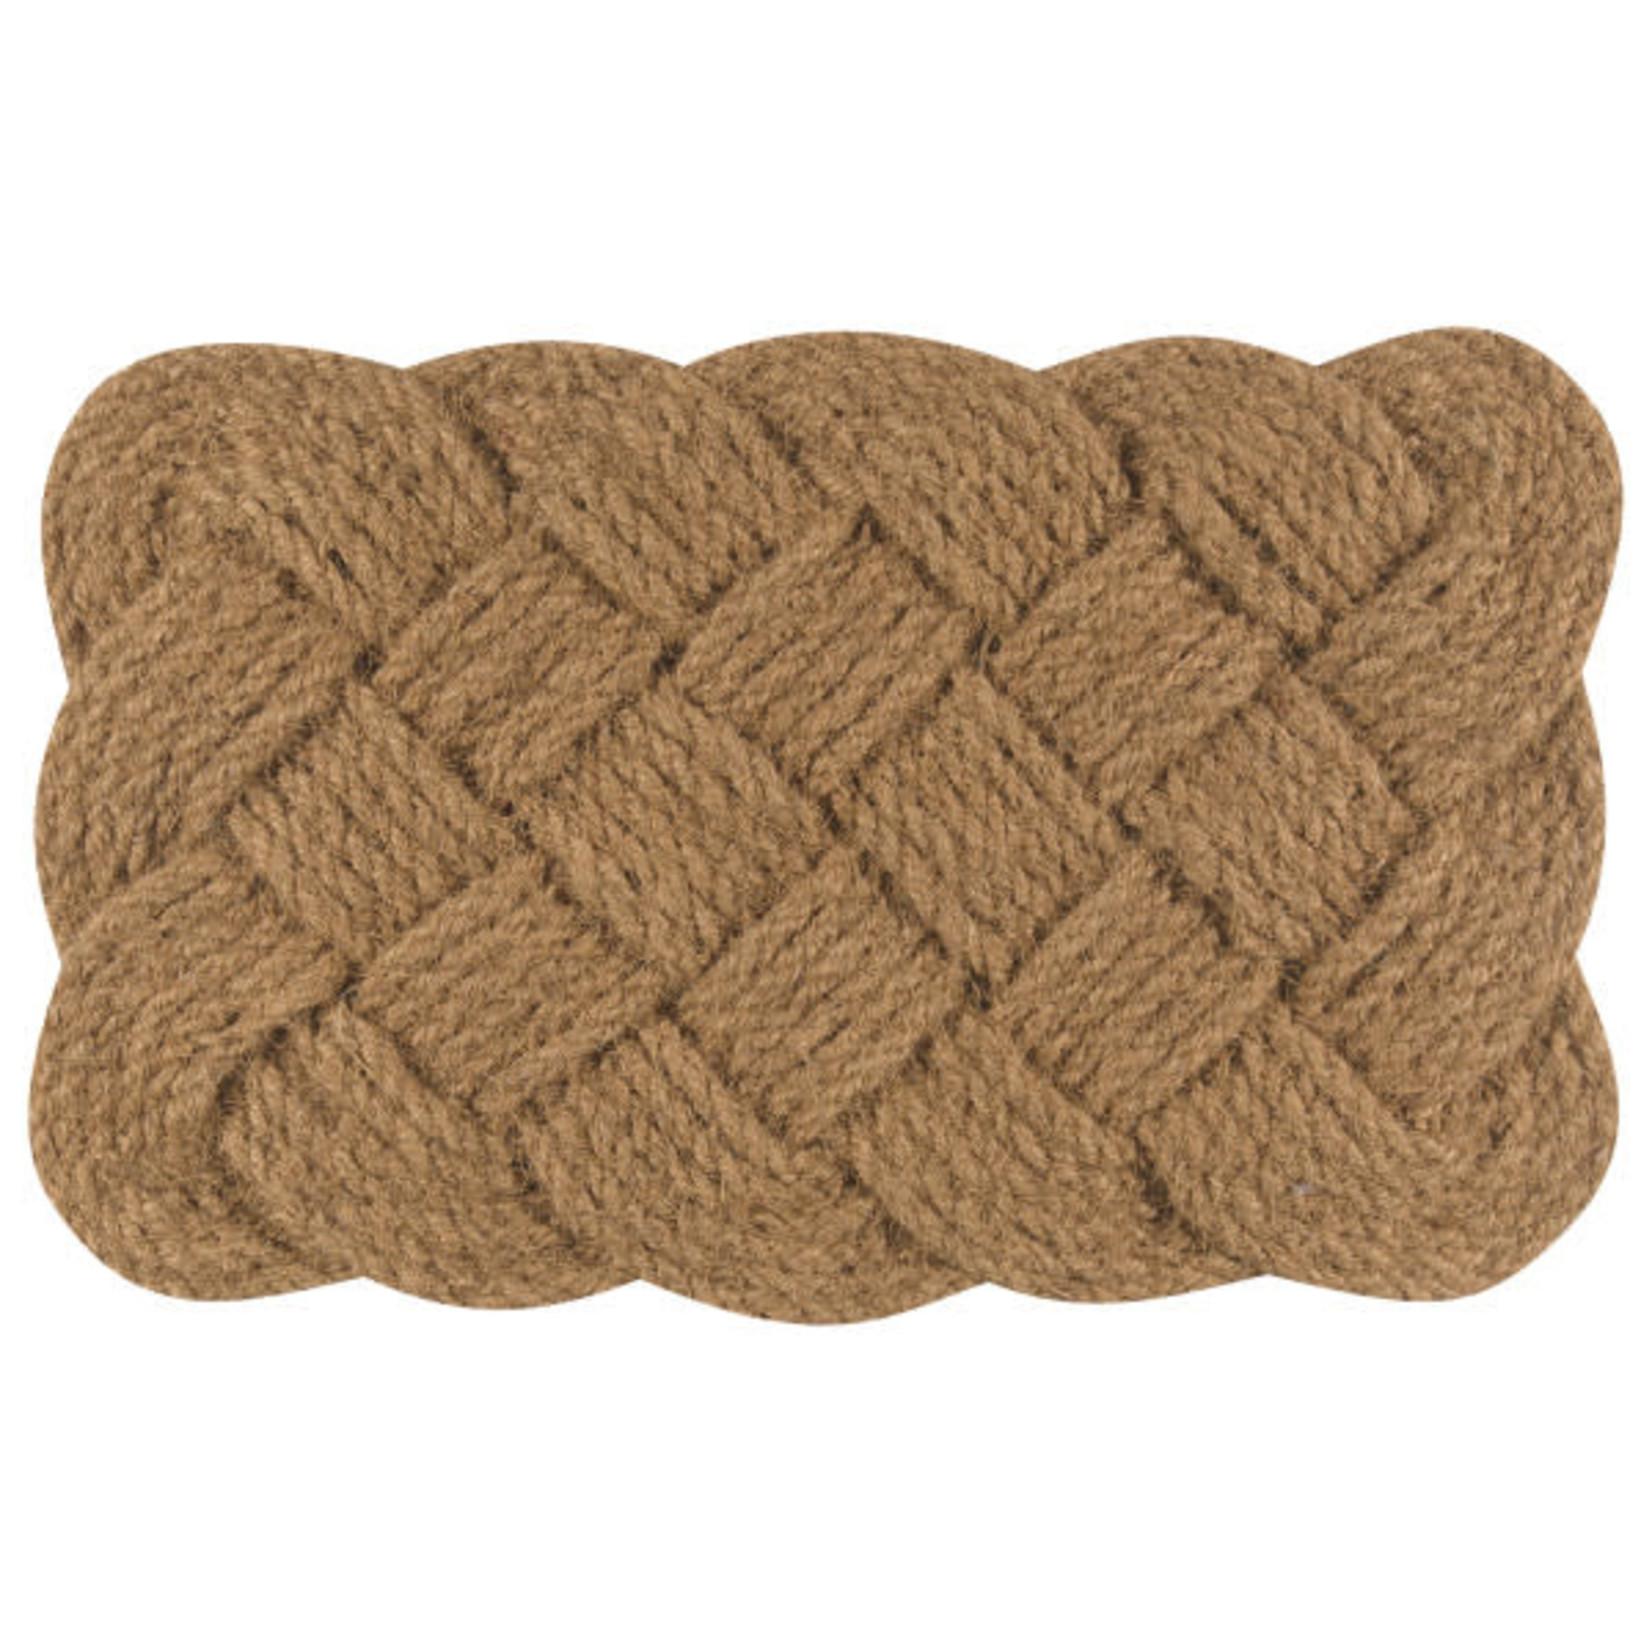 Coir Rope - Doormat